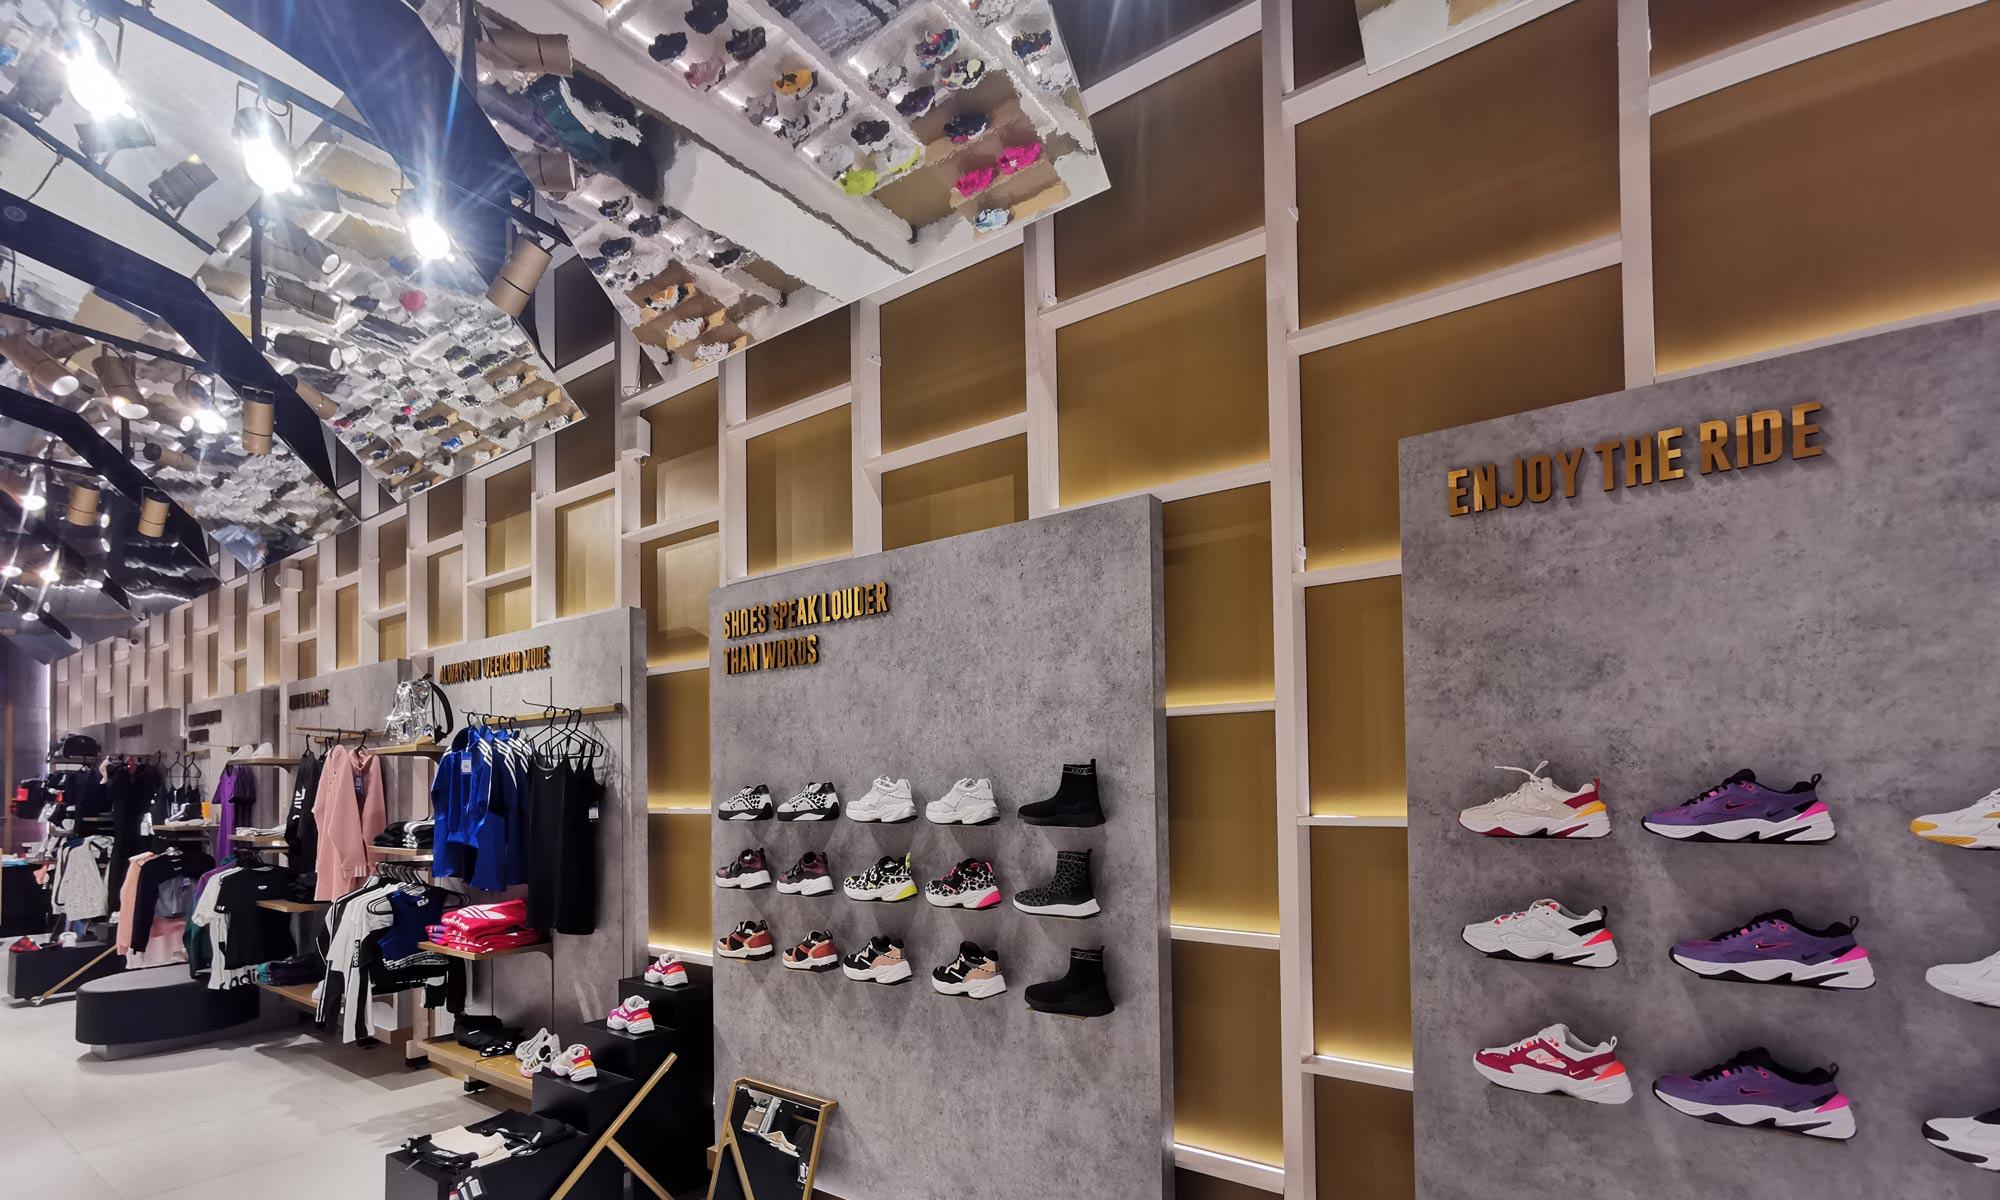 https://www.atelierzoz.com/wp-content/uploads/2020/03/works_atelierzoz_sneakershero-nicosia-4.jpg